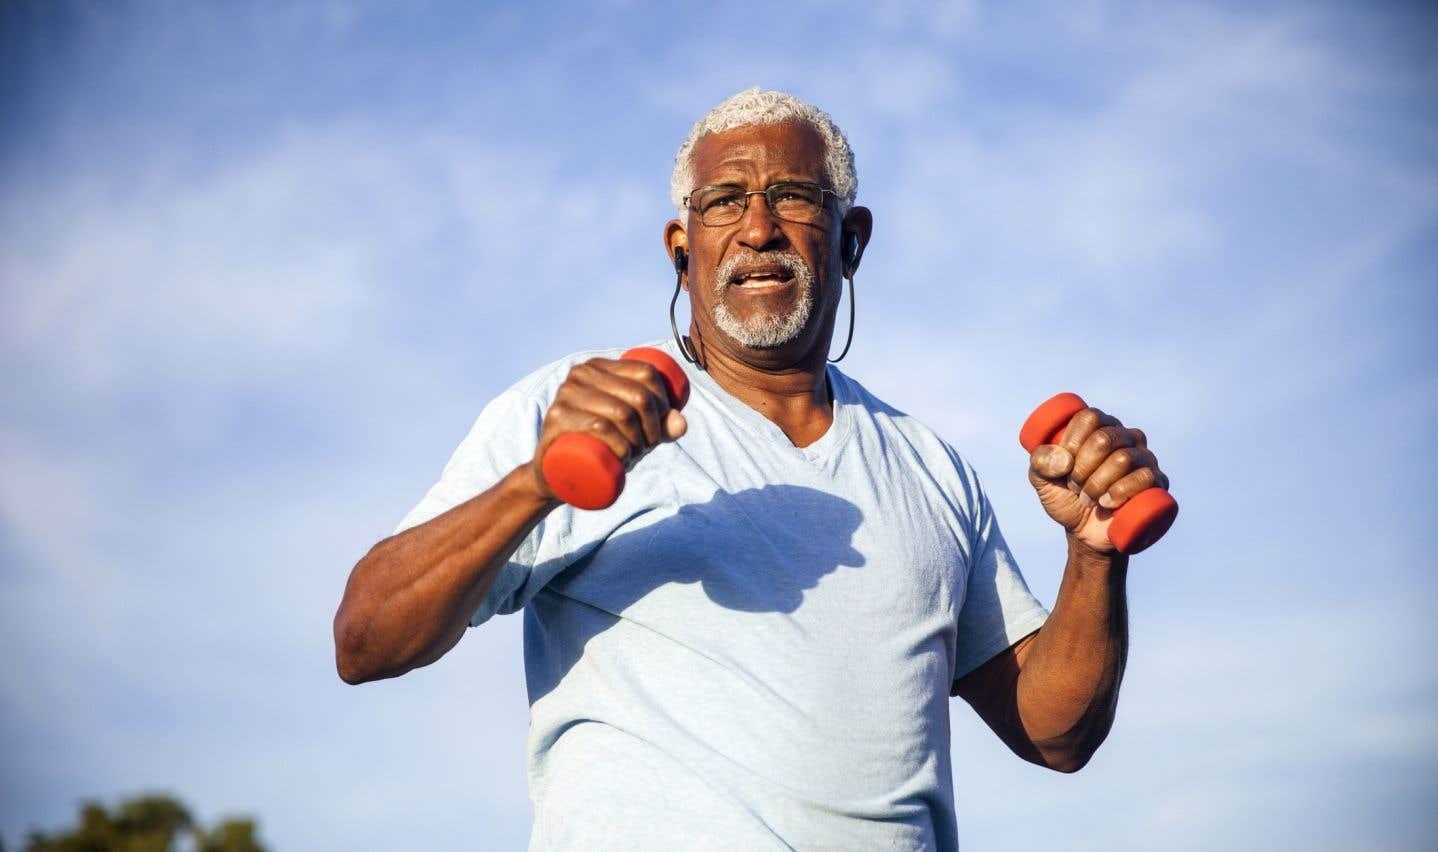 Le centre de recherche sur le vieillissement engAGE de Concordia va étudier les bienfaits de l'activité physique sur le plan cognitif. Par exemple, comment l'entraînement peut aider à rester actif plus longtemps, tout comme le fait de parler plusieurs langues protège le cerveau, notamment pour qu'il ne développe pas l'Alzheimer ou la démence.